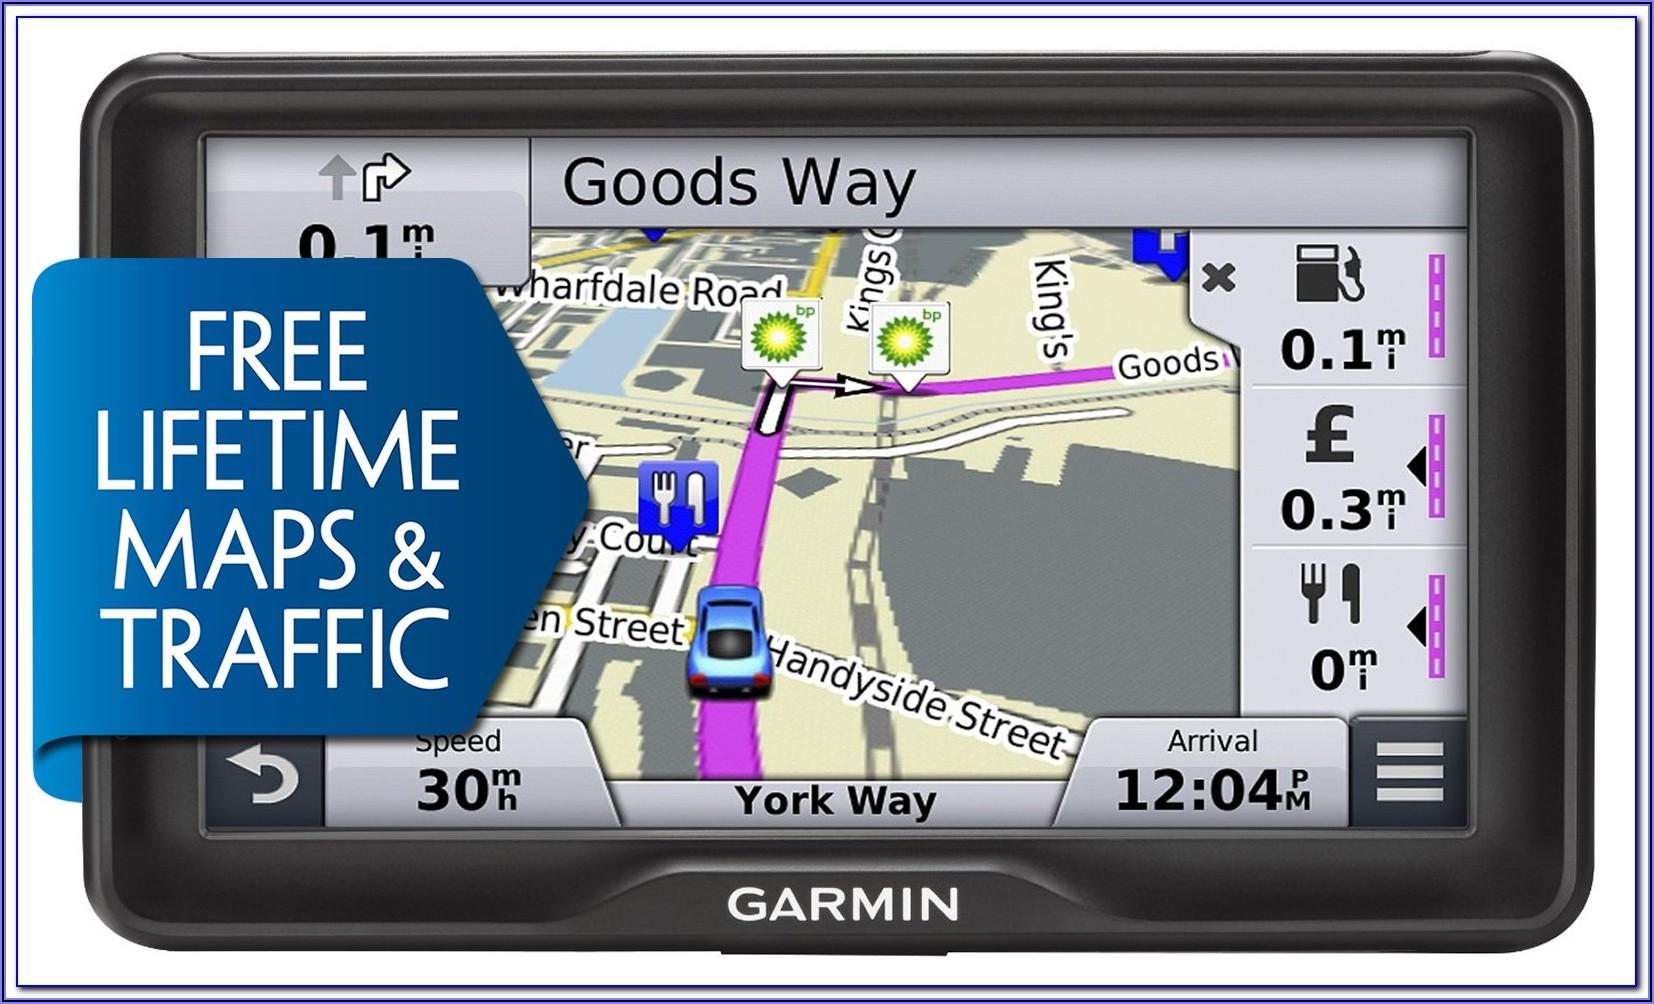 Garmin Nuvi 205w Map Update